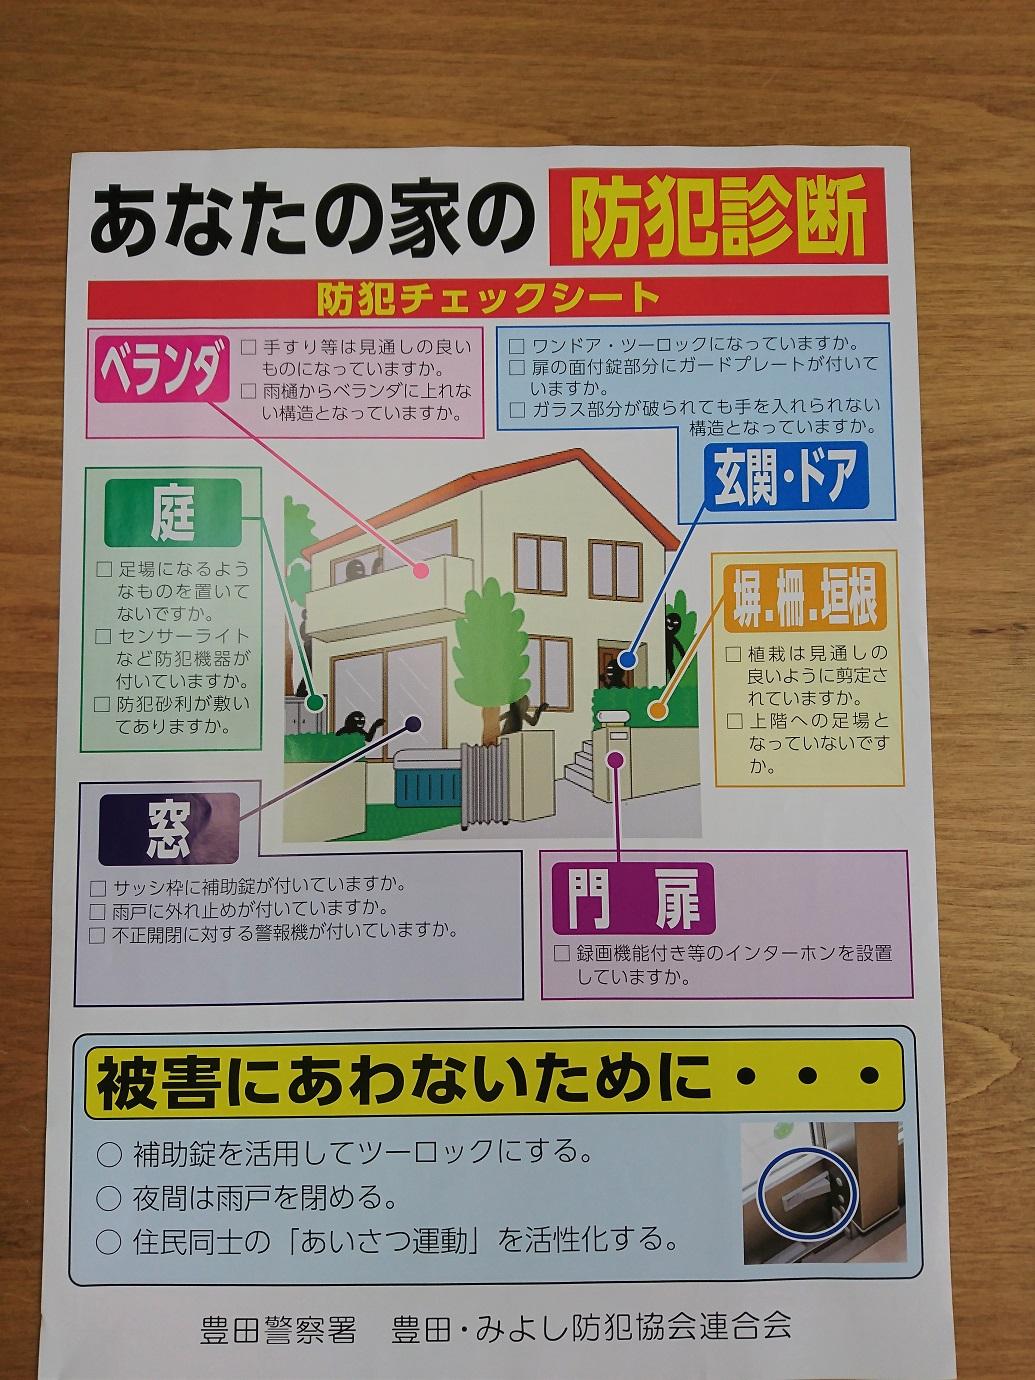 一戸建て住宅の防犯対策2